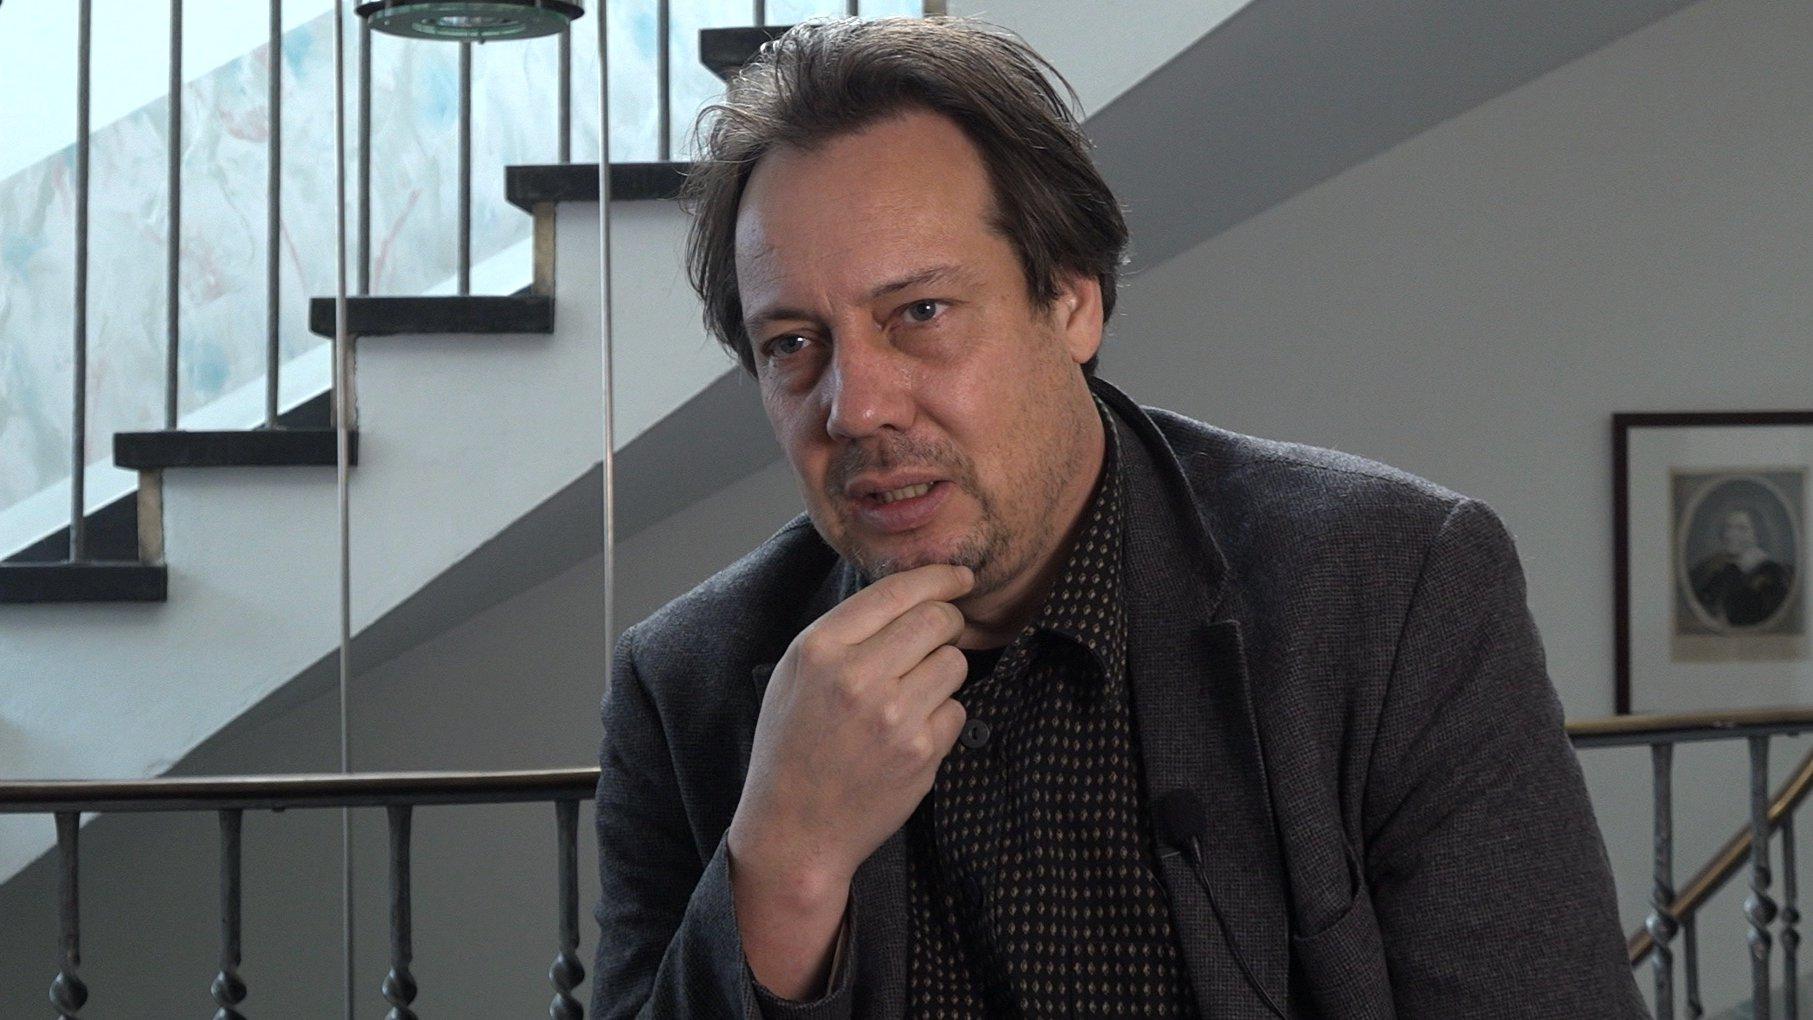 Wilders-Experte Koen Vossen über die anstehenden Parlamentswahlen in den Niederlanden